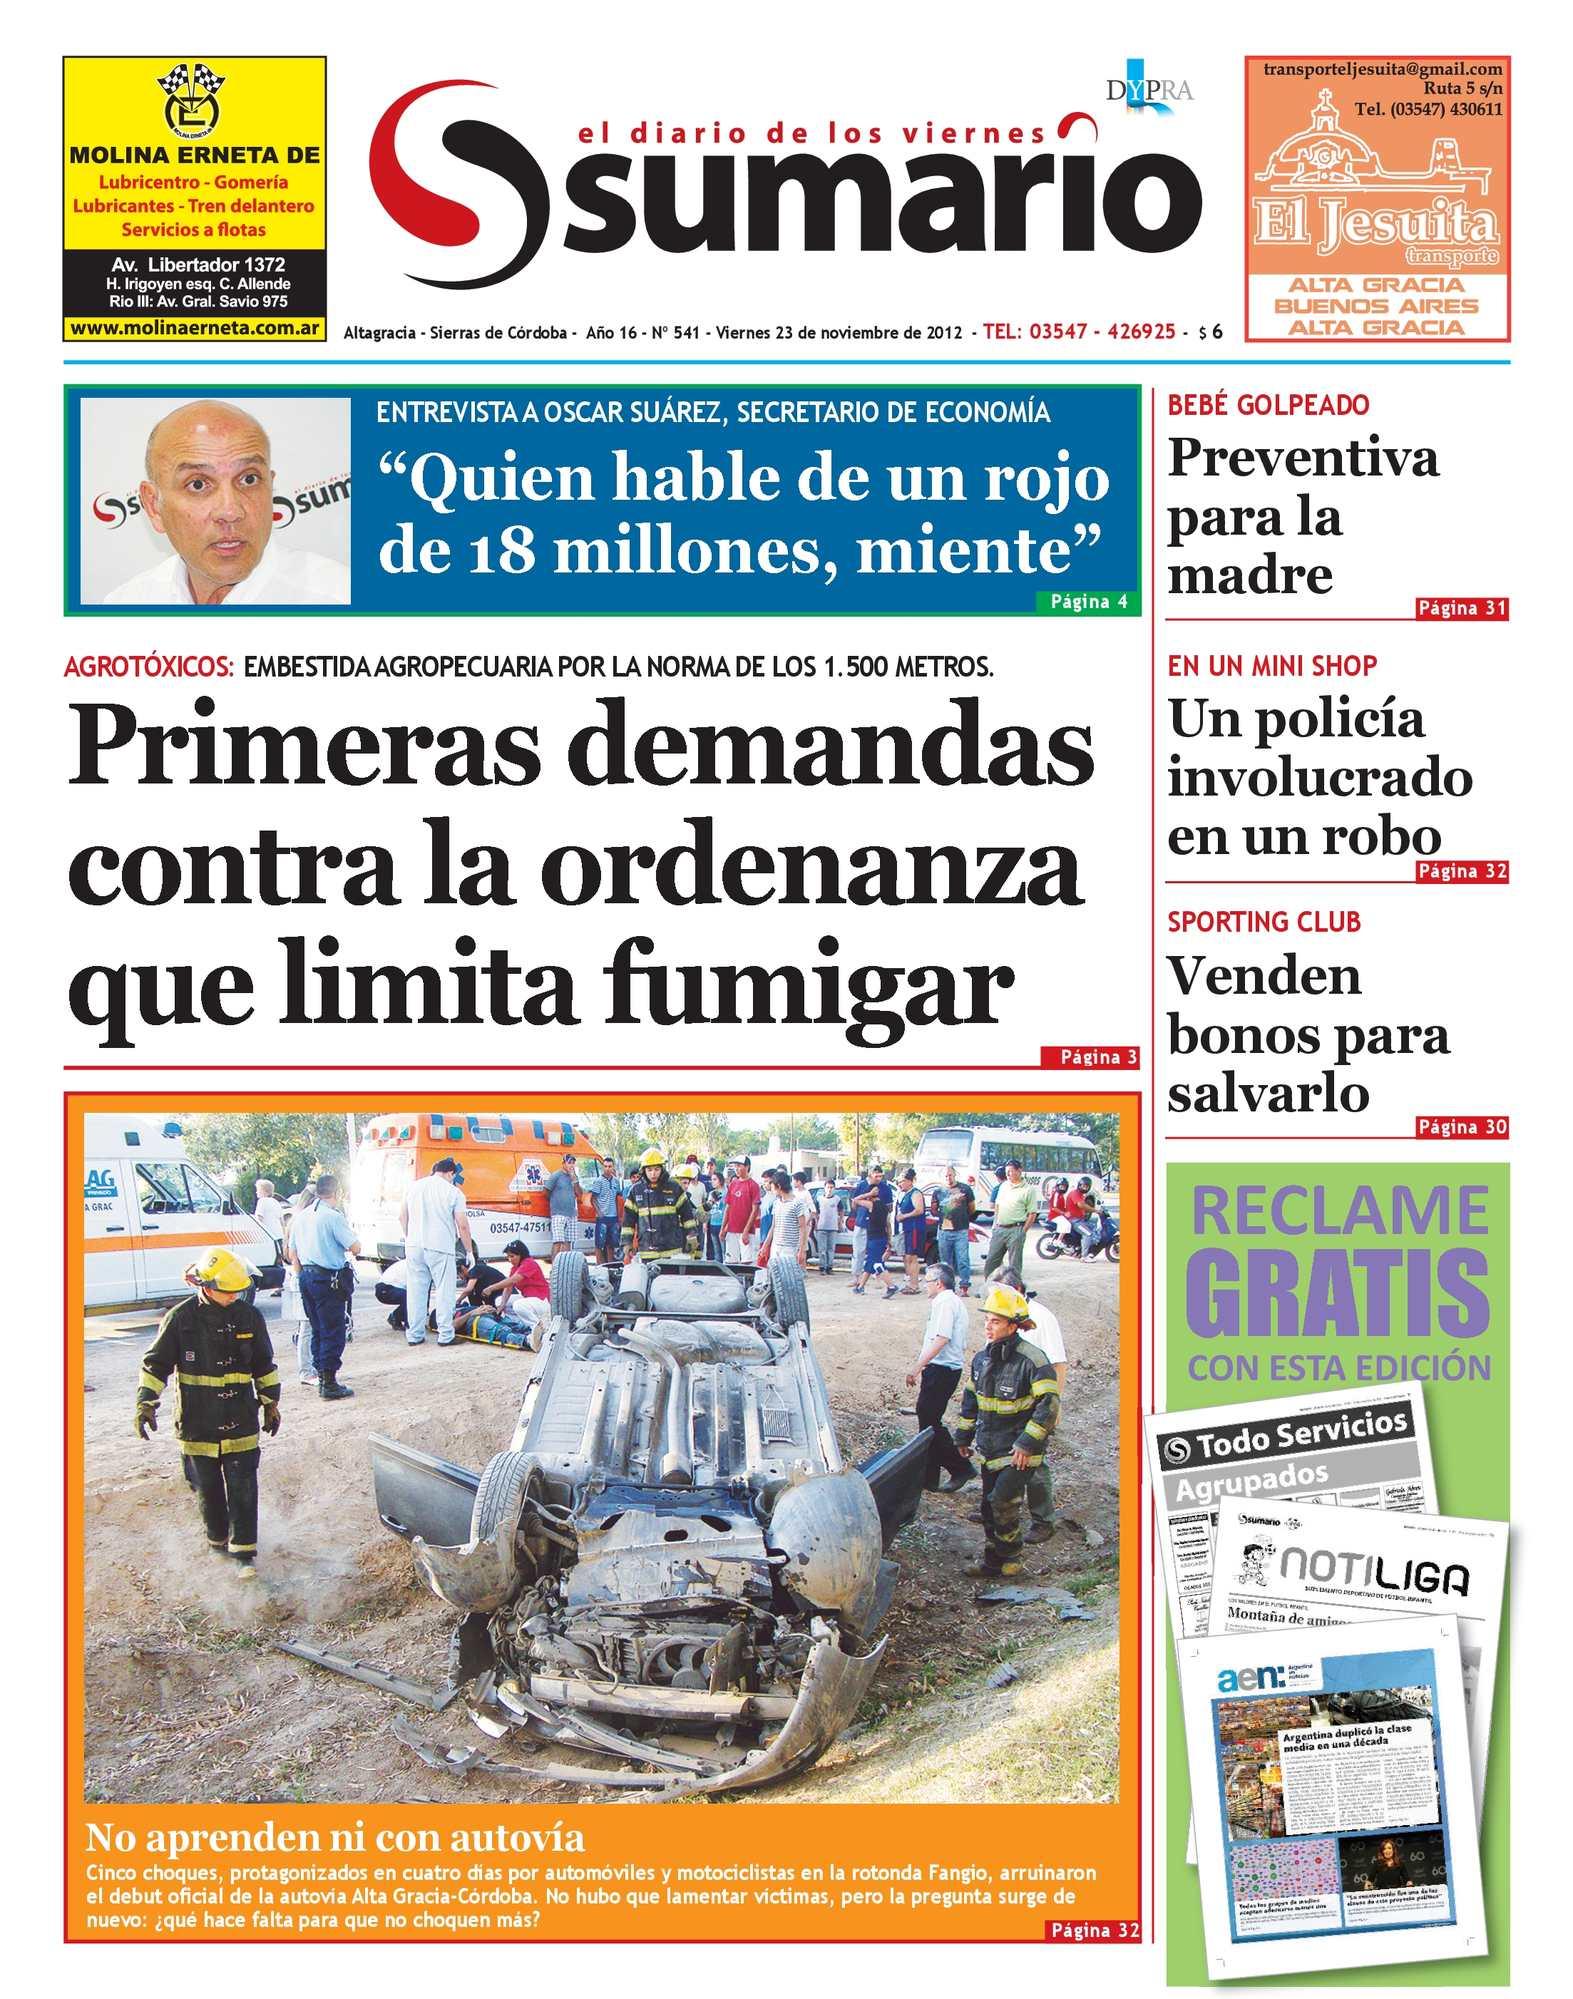 Calaméo - Periódico Sumario. Ed. 541. 23 nov 2012 9728f770696b6